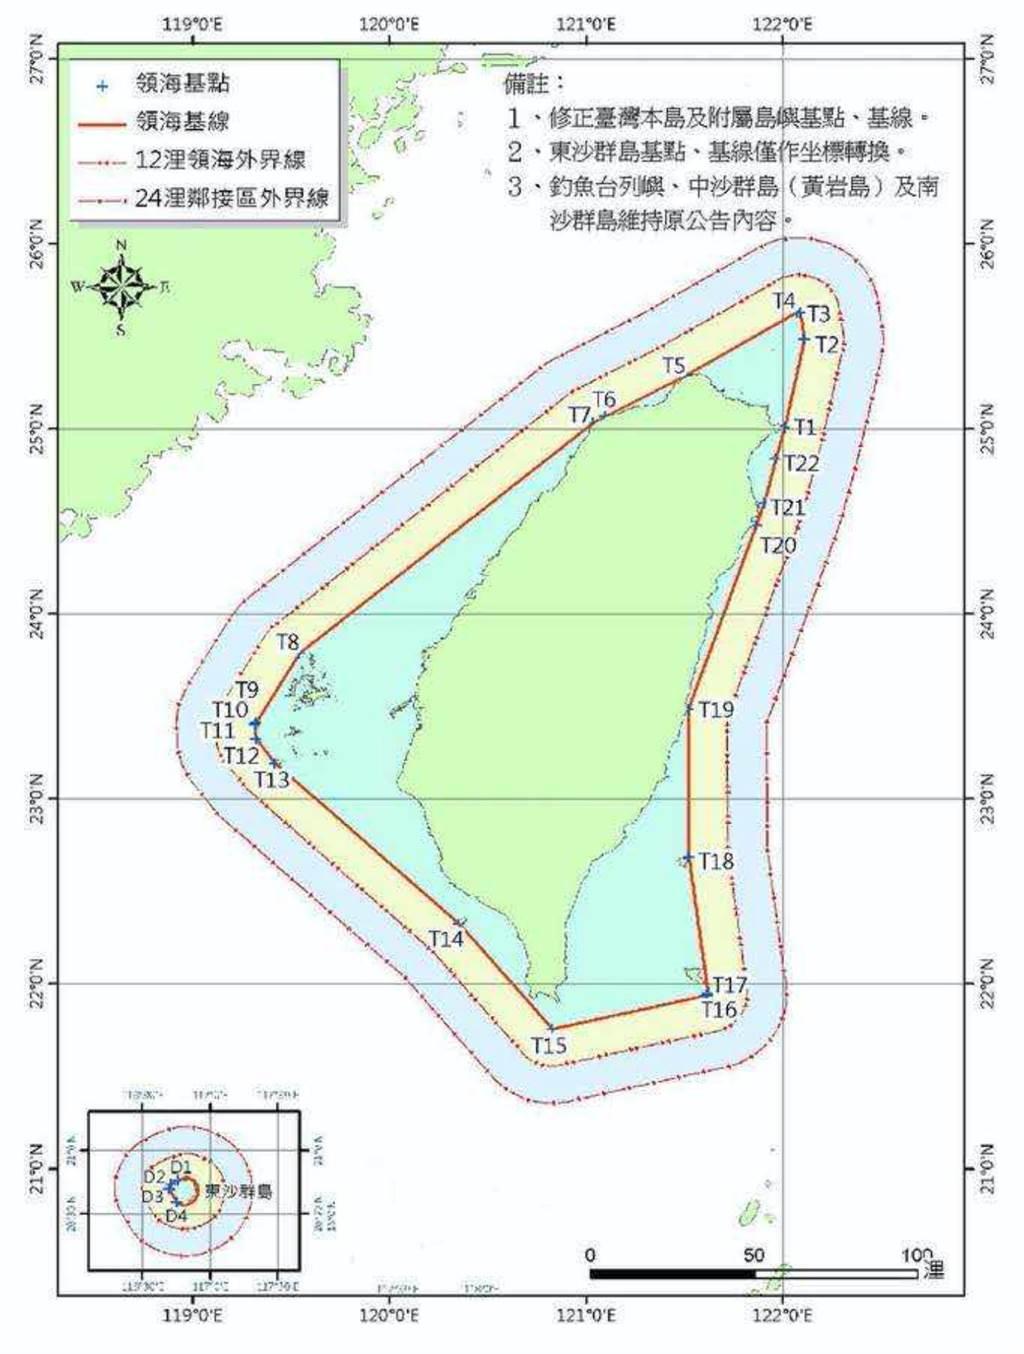 澎湖水道位於澎湖列島與台灣之間,呈南北走向,是台灣西側南北交通的近岸航道,在經濟、軍事上都有著重要意義。1999年台灣劃設領海基線時以直線基線劃法將整個澎湖水道劃為其「內水」。(圖/SCSPI)